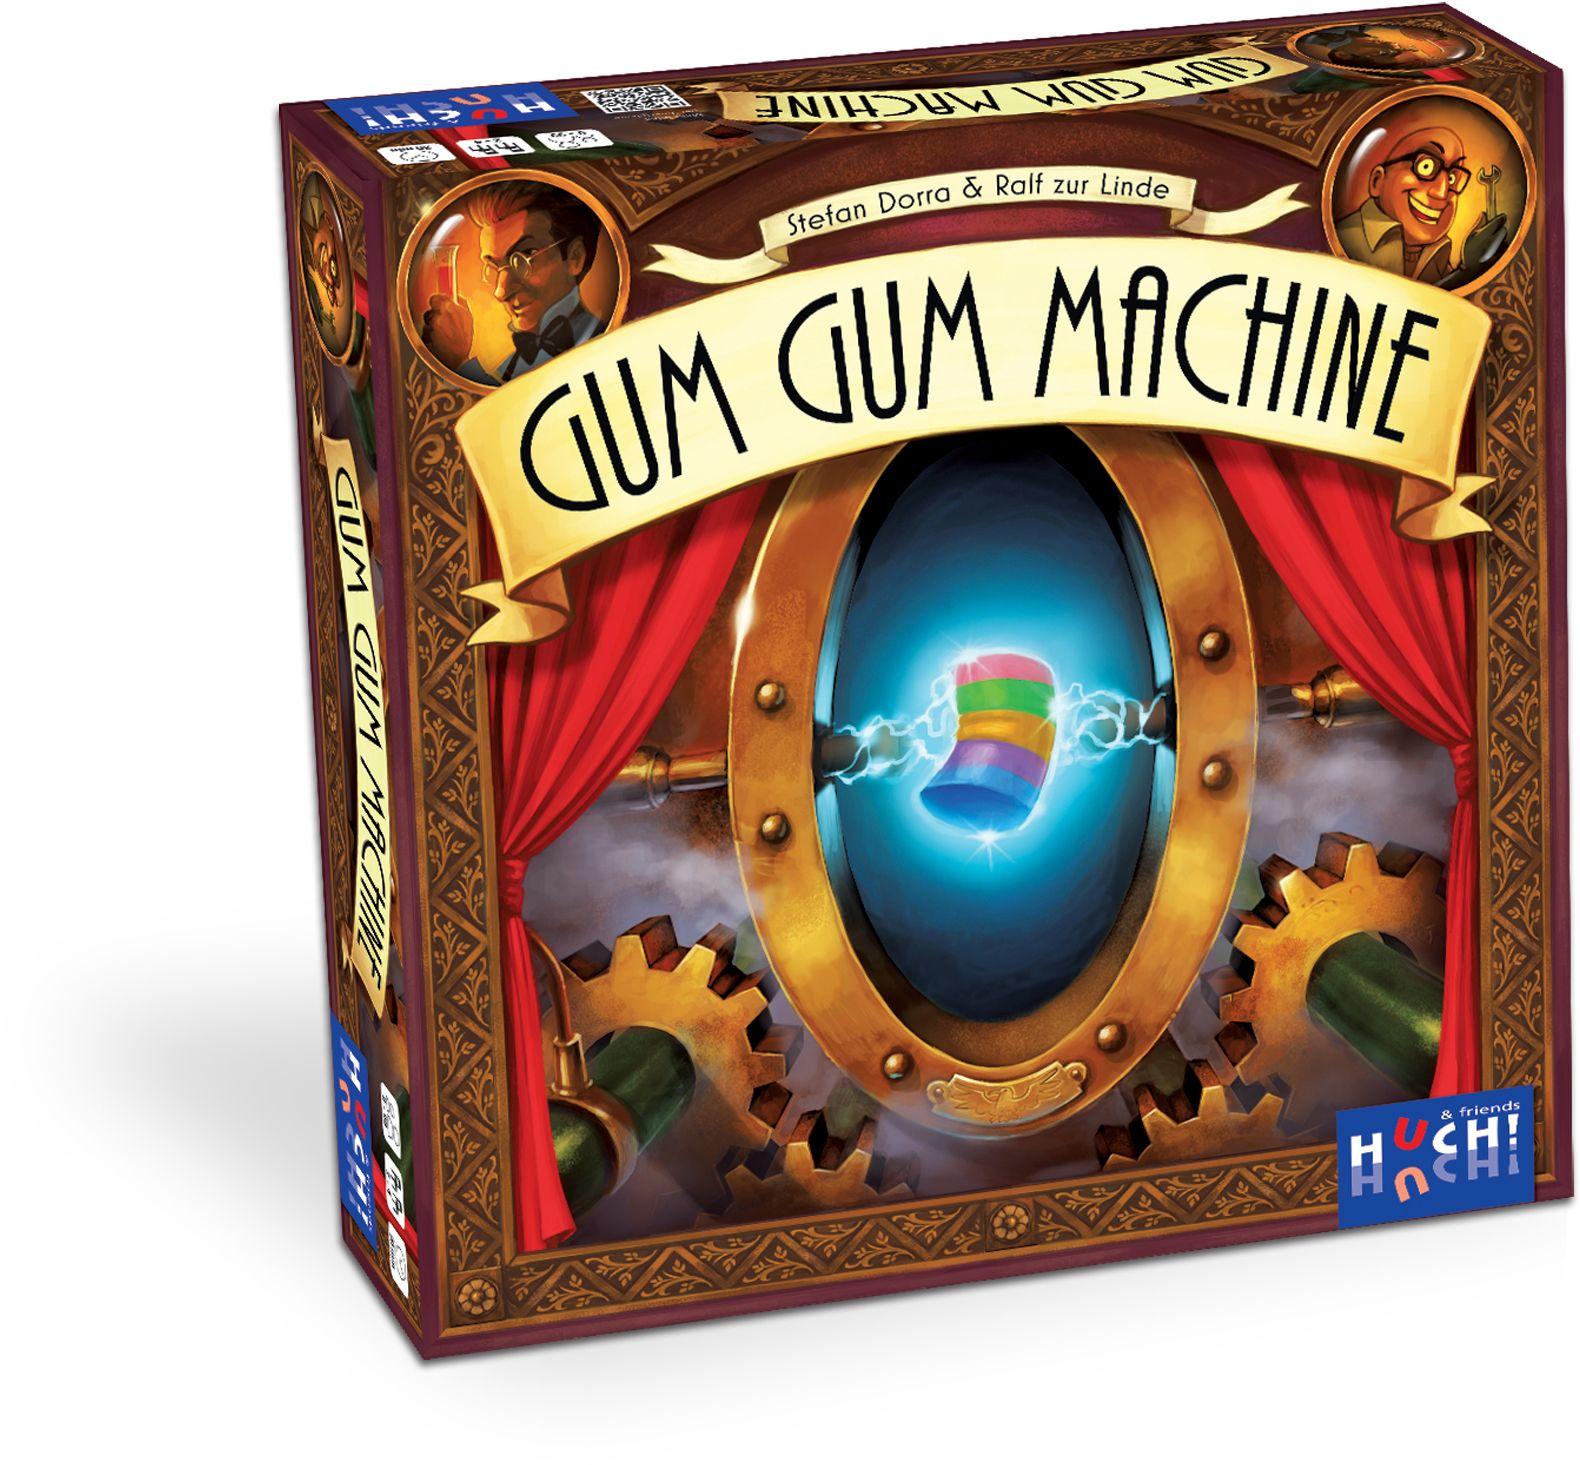 HUCH FRIENDS Huch! & friends Brettspiel, »Gum Gum Machine«